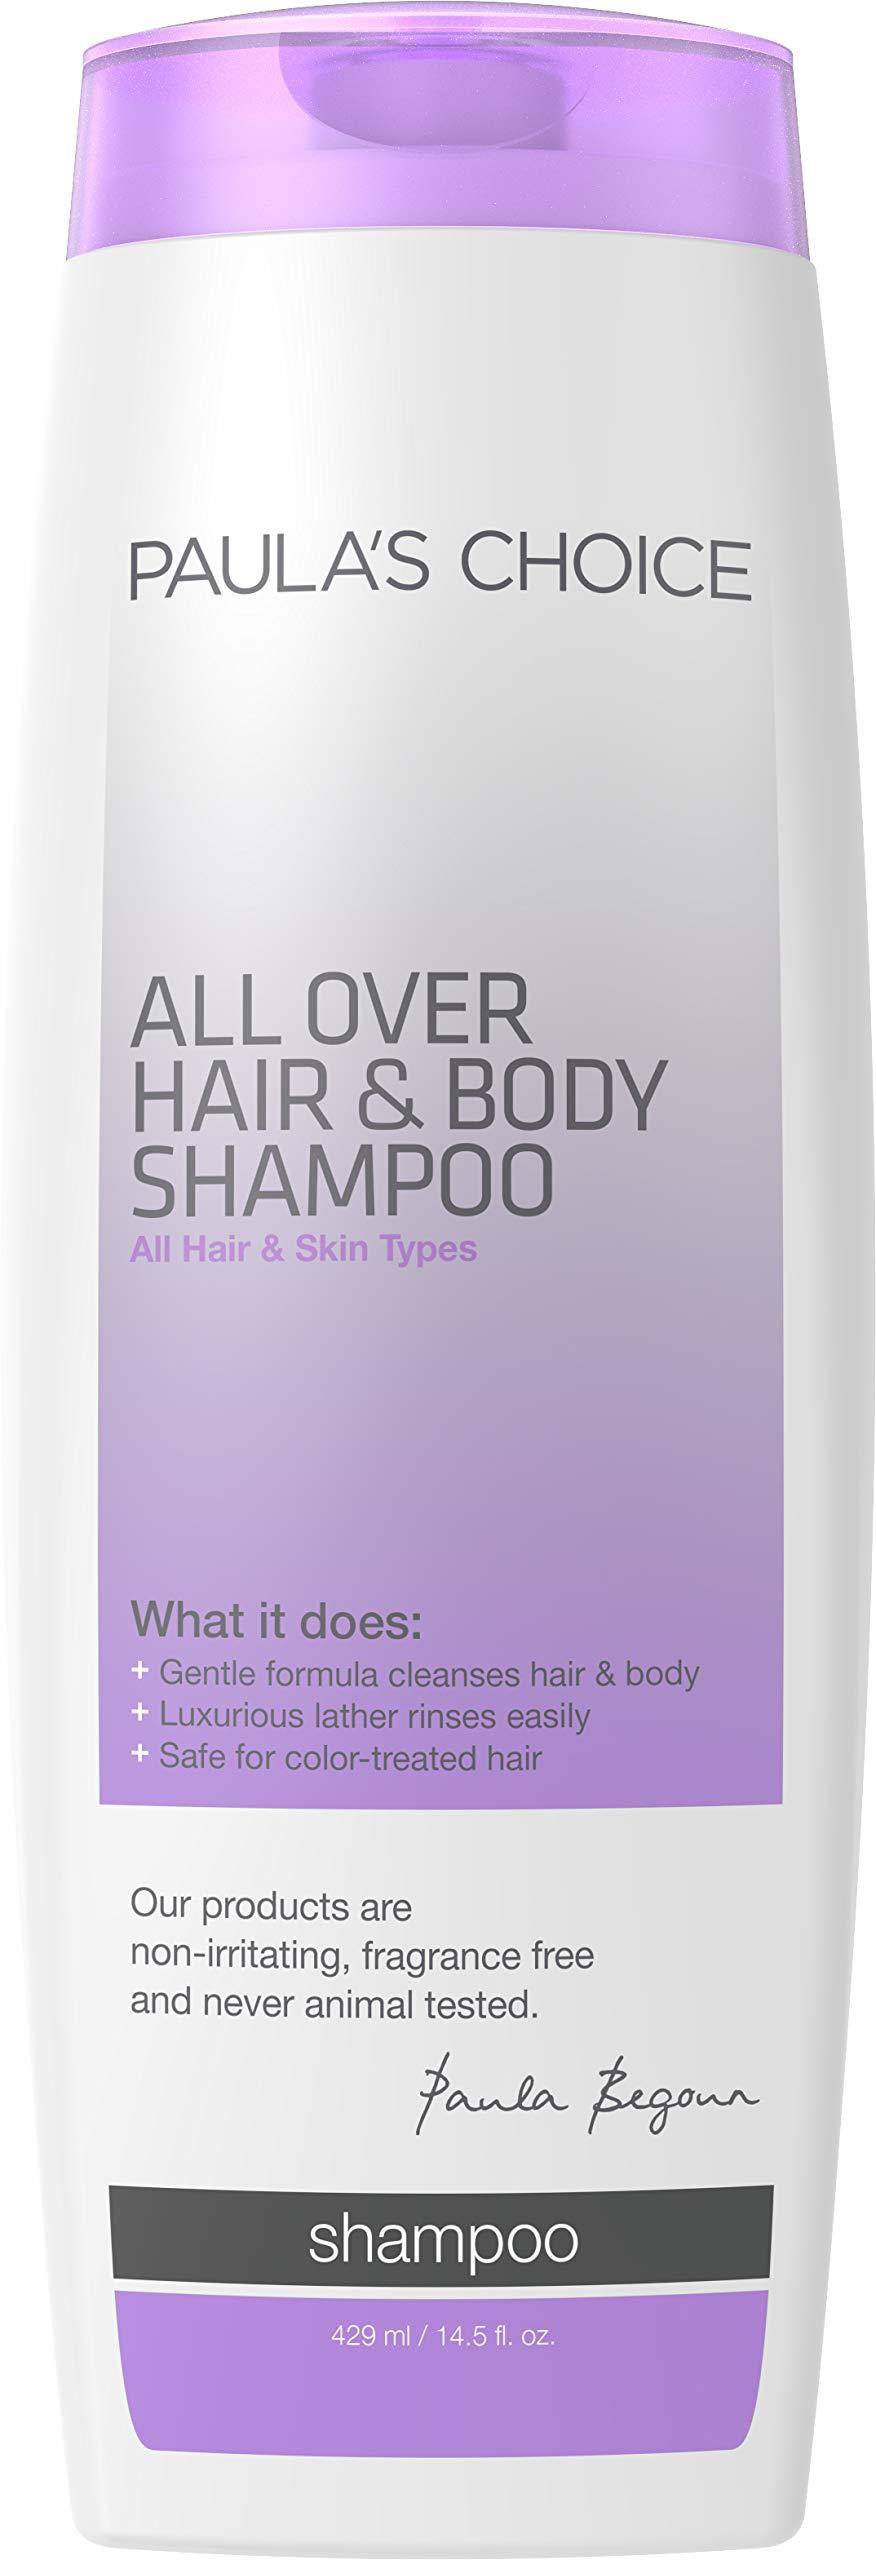 Paula's Choice All Over Hair Shampoo & Body Wash, Fragrance Free, Safe for Color Treated Hair, 14.5 Ounce by PAULA'S CHOICE